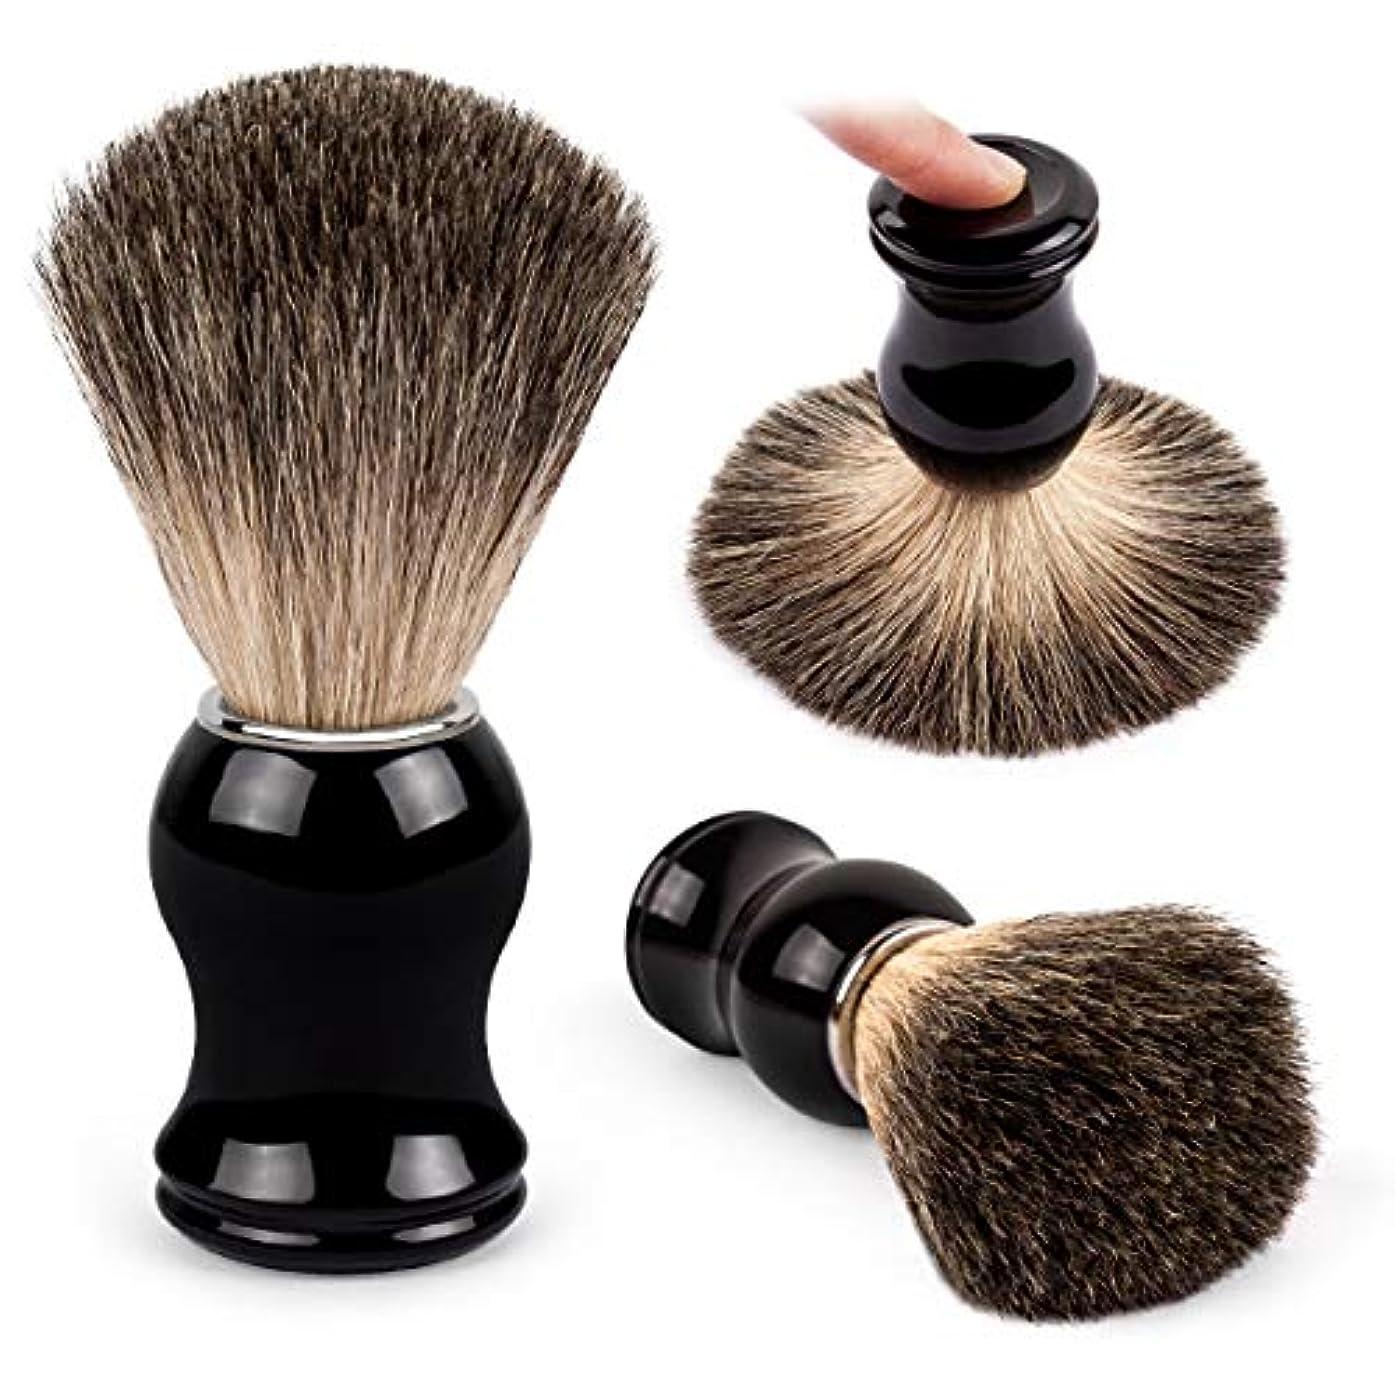 マークダウン拡張義務QSHAVE 100%最高級アナグマ毛オリジナルハンドメイドシェービングブラシ。高品質樹脂ハンドル。ウェットシェービング、安全カミソリ、両刃カミソリに最適